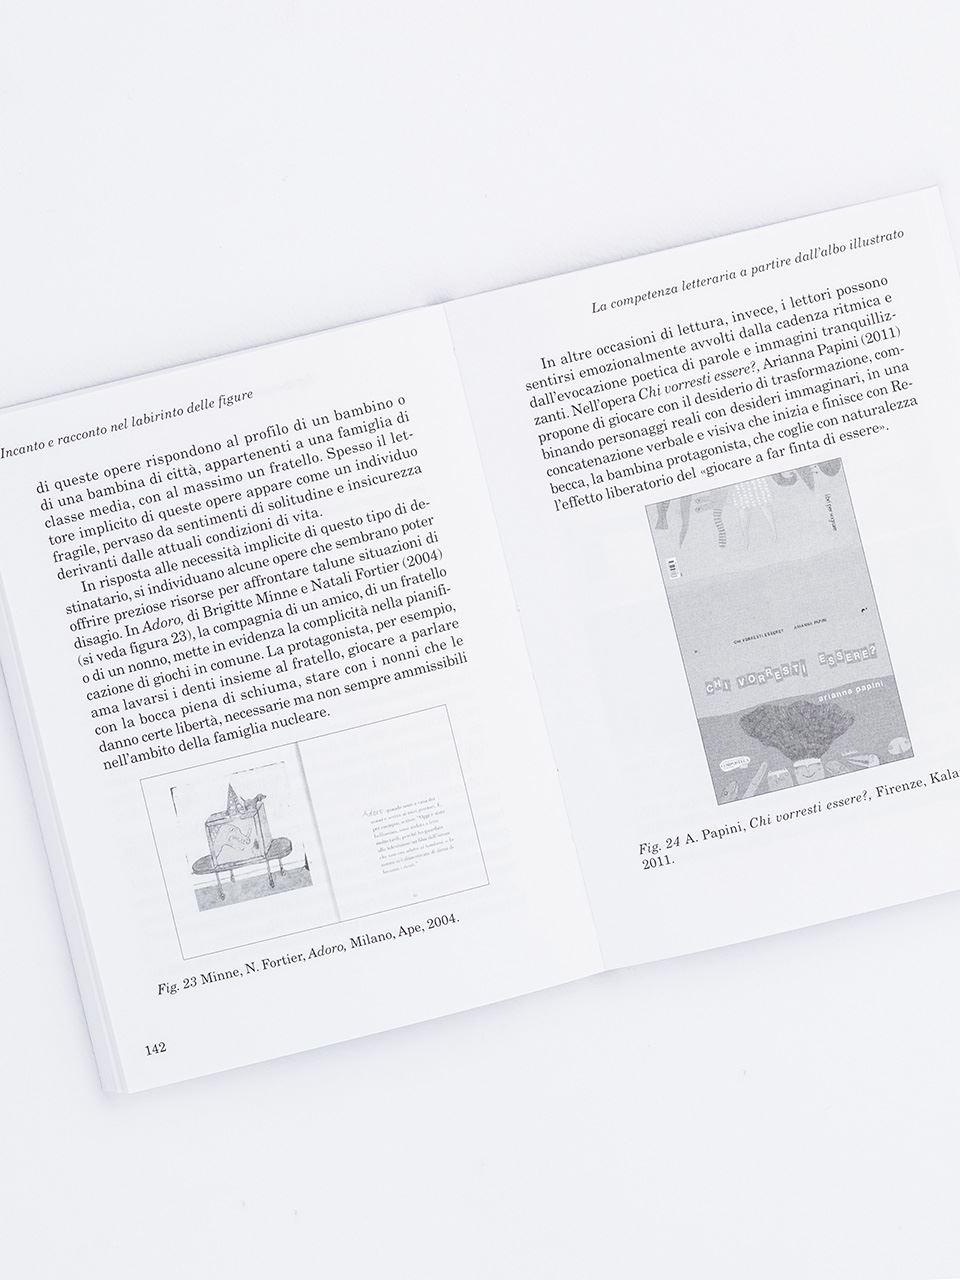 Incanto e racconto nel labirinto delle figure - Libri - Erickson 2